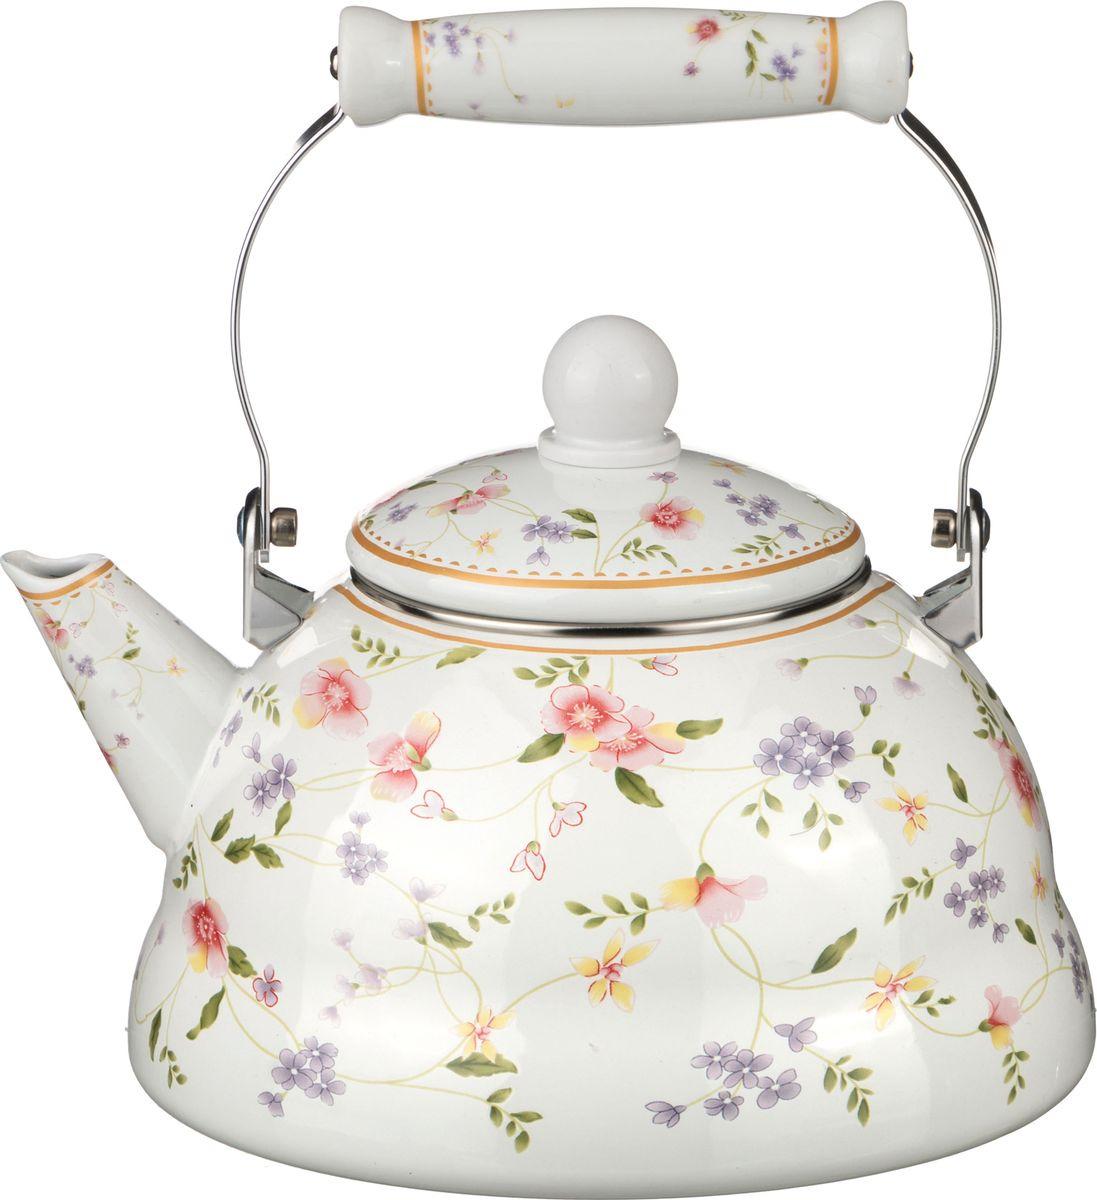 Чайник Agness, 934-327, мультиколор, 3 л чайник 1 3 л птицы santafe чайник 1 3 л птицы